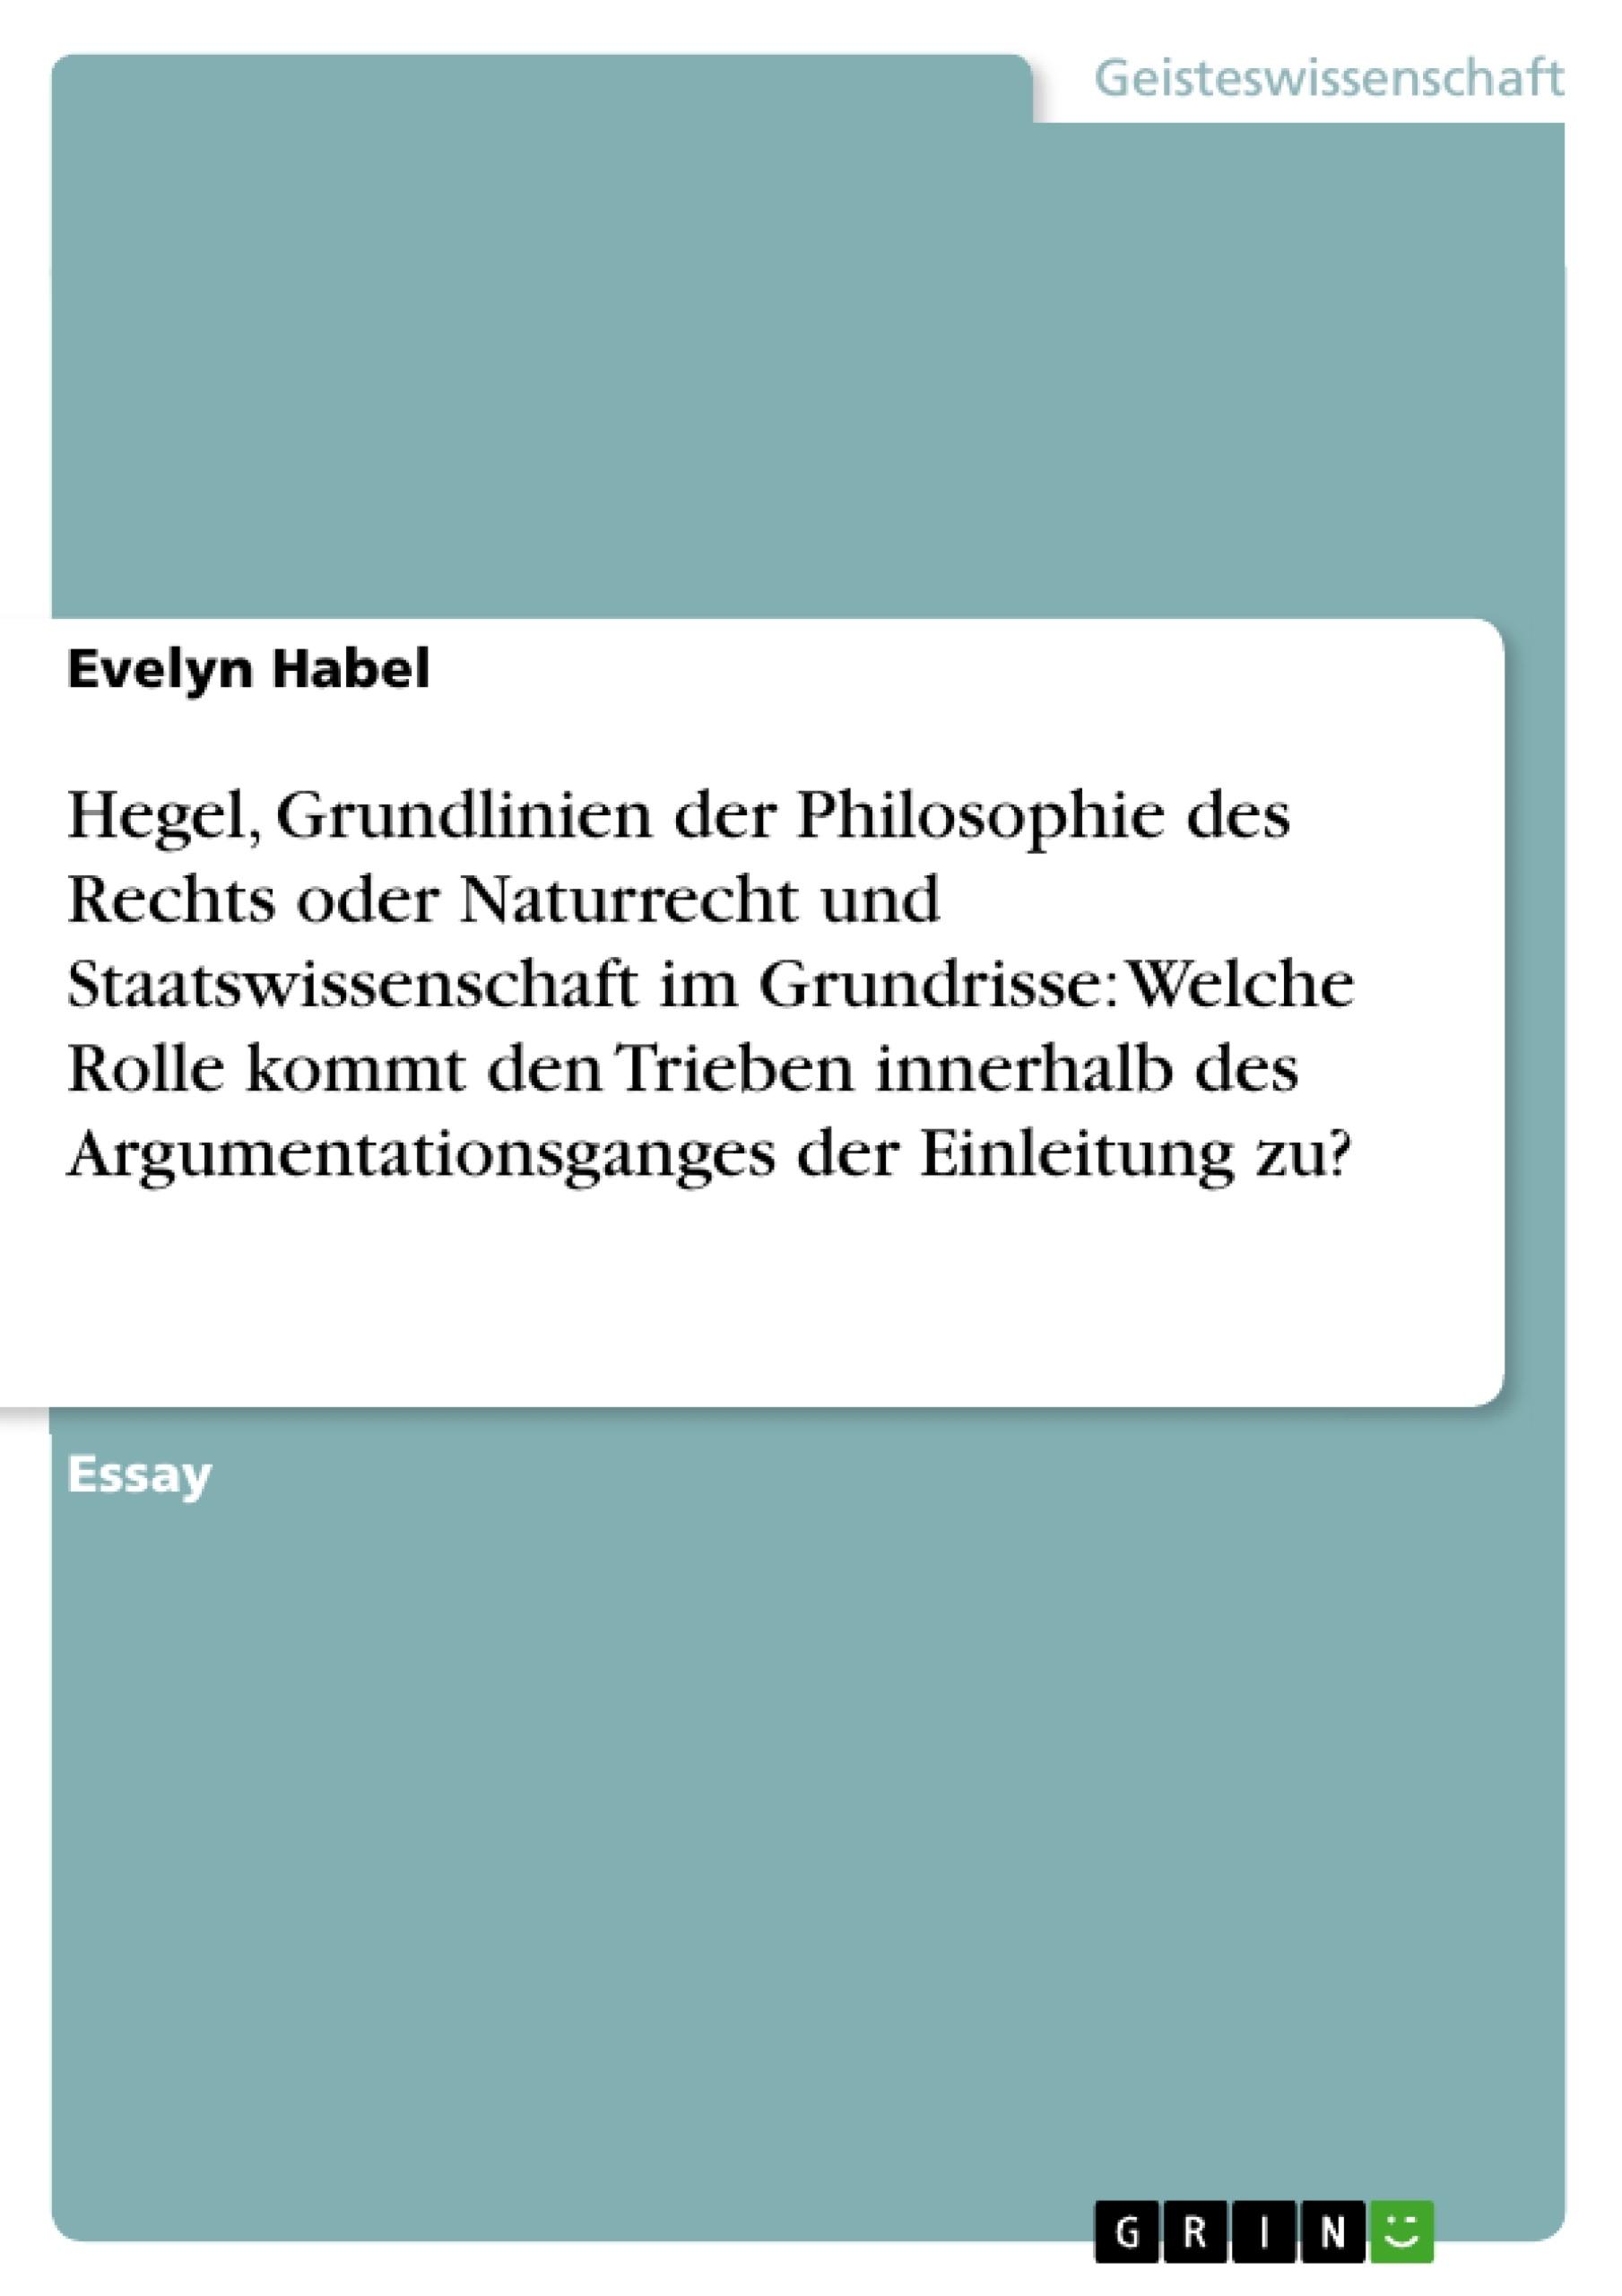 Titel: Hegel, Grundlinien der Philosophie des Rechts oder Naturrecht und Staatswissenschaft im Grundrisse: Welche Rolle kommt den Trieben innerhalb des Argumentationsganges der Einleitung zu?